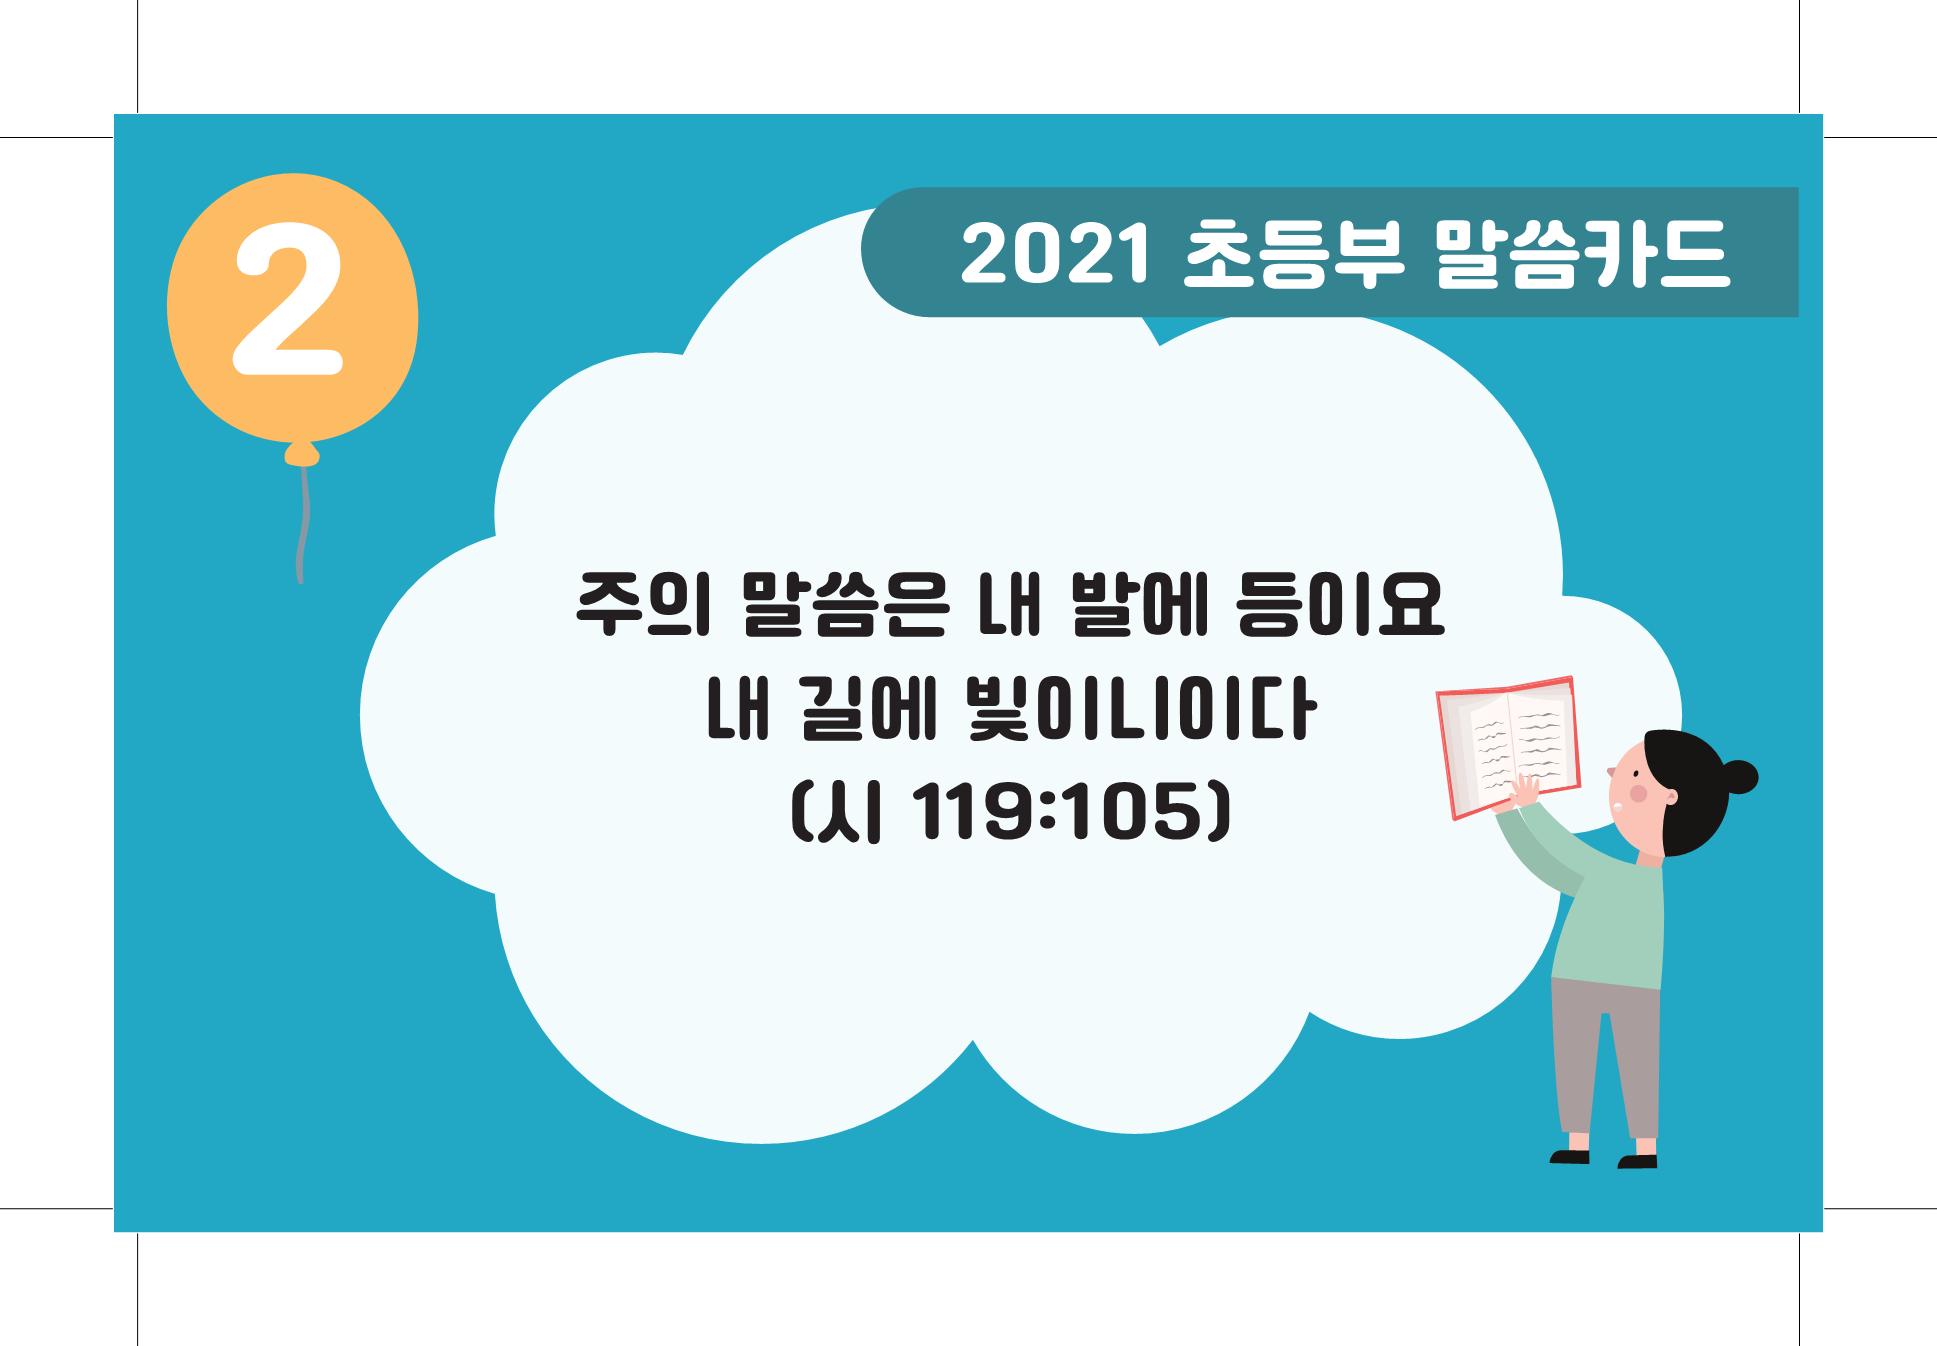 2021_교회학교_말씀카드_하반기_유초등부_낱장_2.png